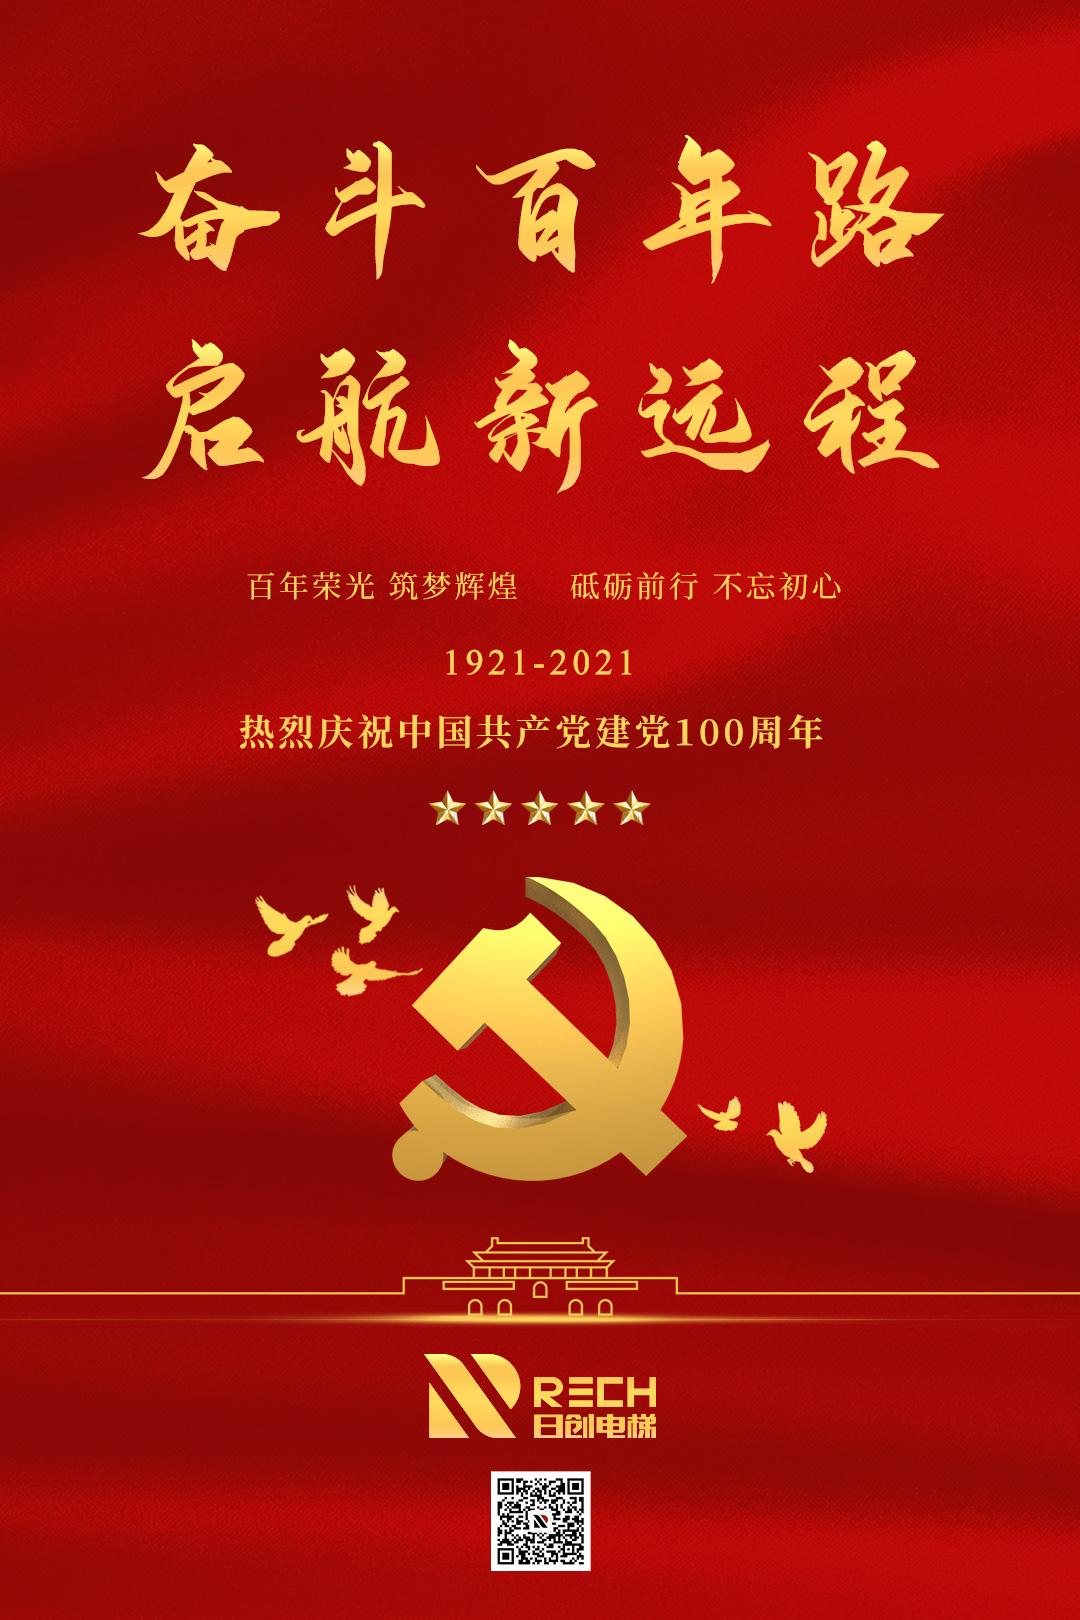 党的光辉,照耀前方!热烈庆祝党的100岁华诞!